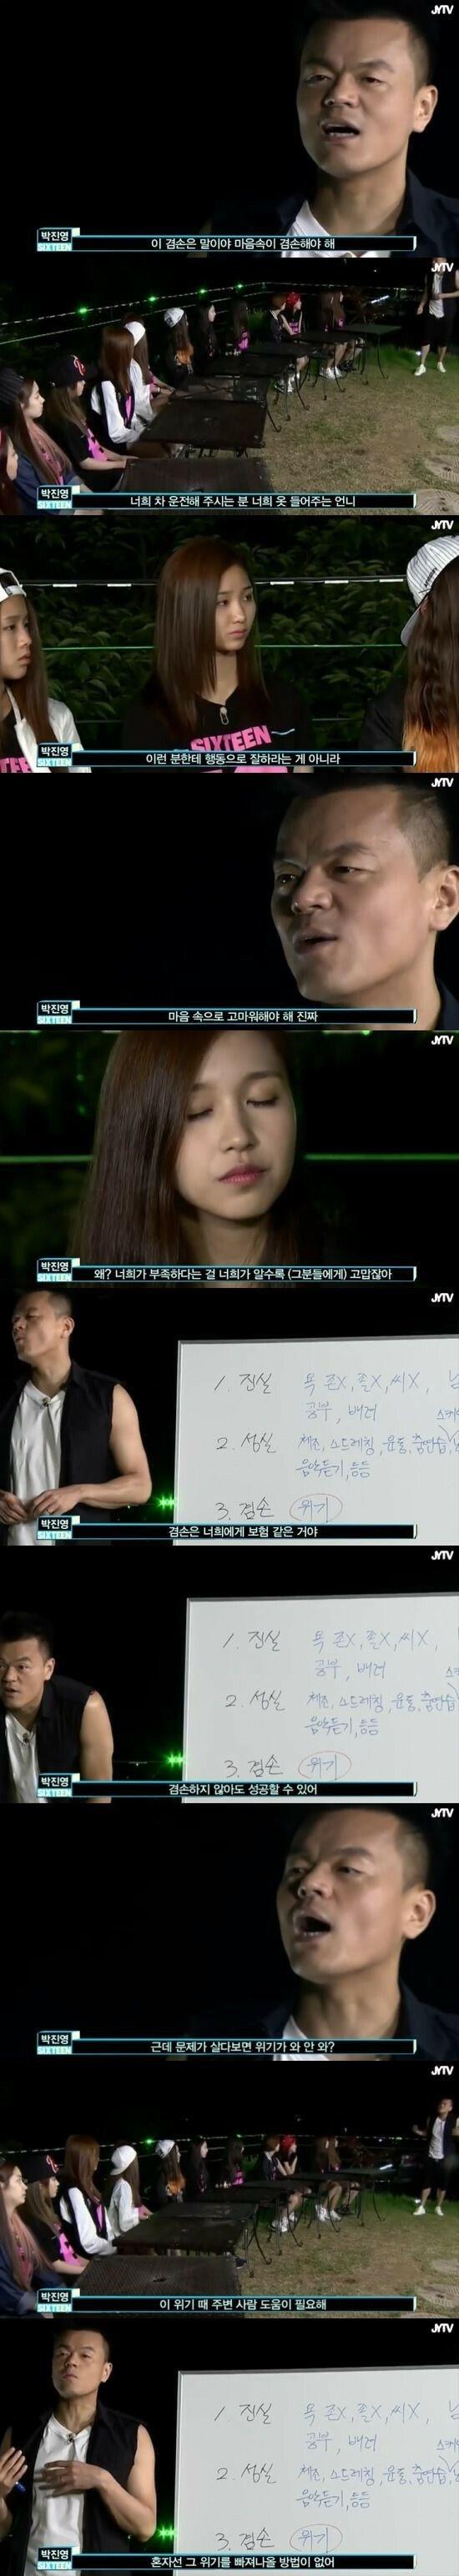 [연예] JYP 아이돌들이 사고를 덜 치는(?) 이유 -  와이드섬